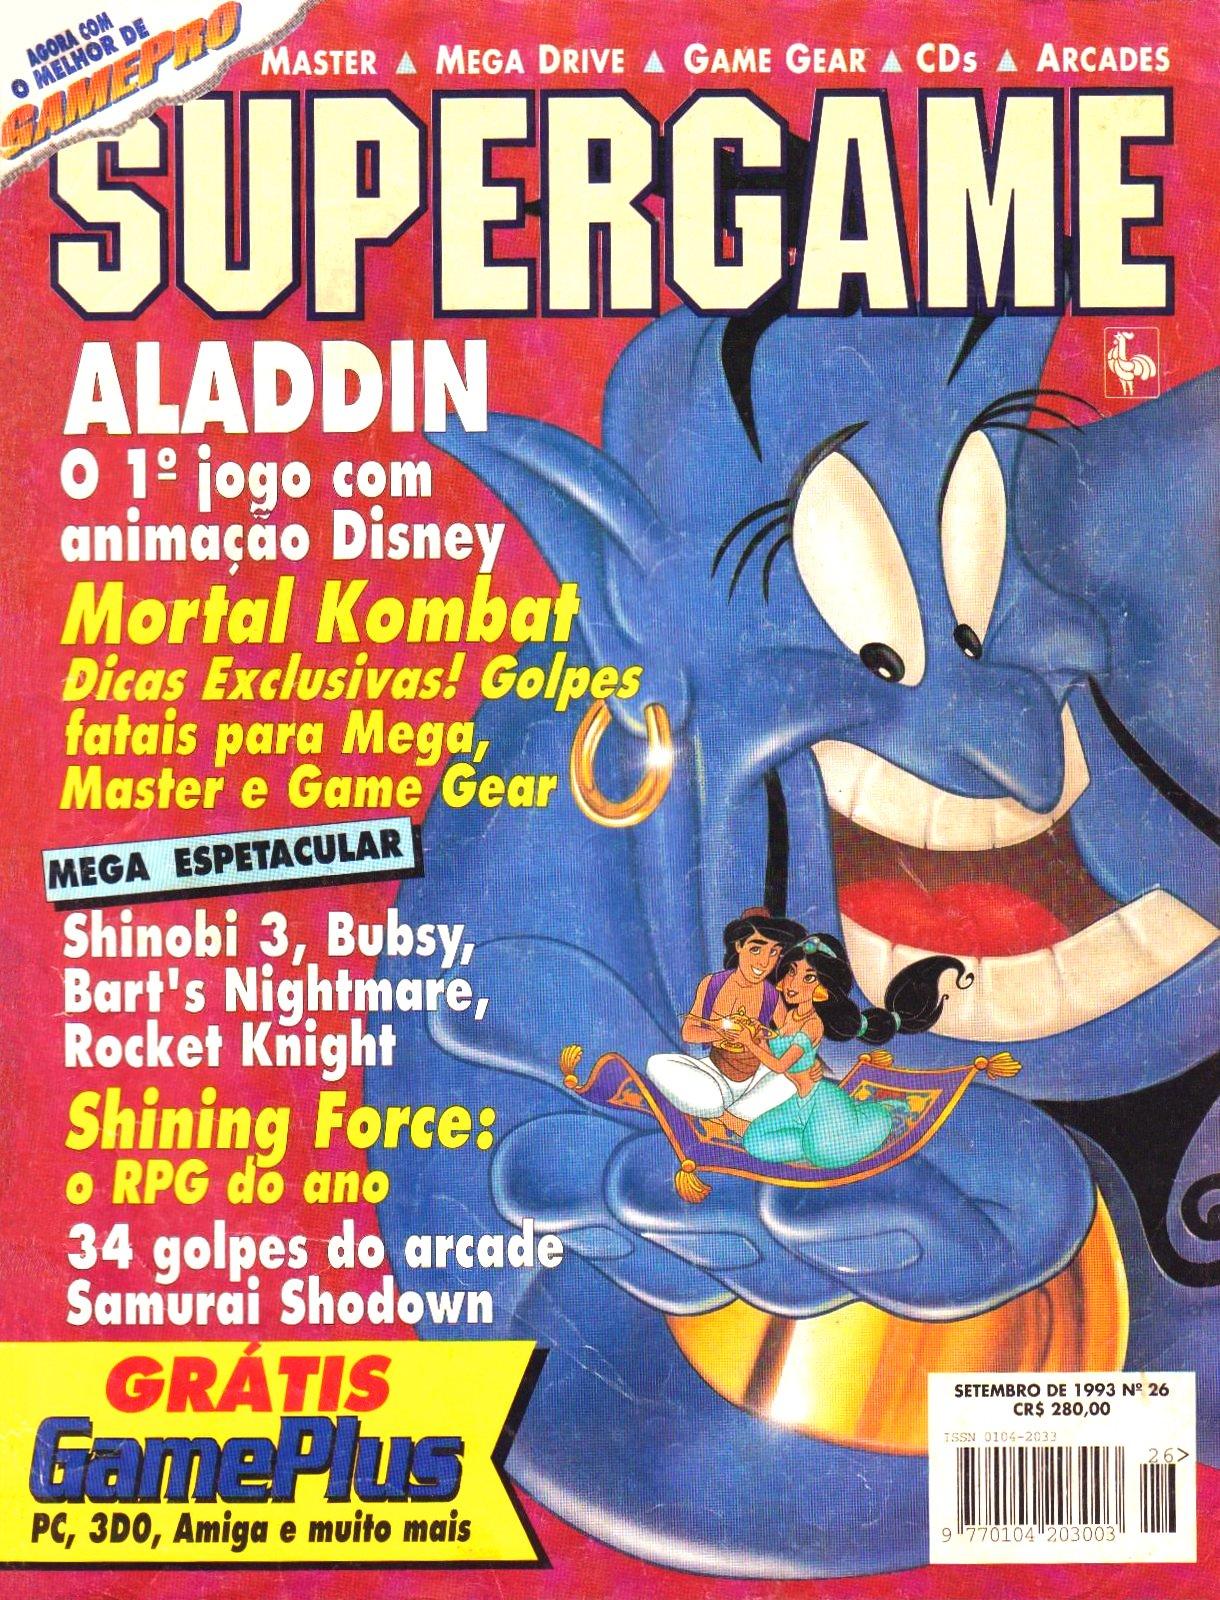 SuperGame 26 (September 1993)